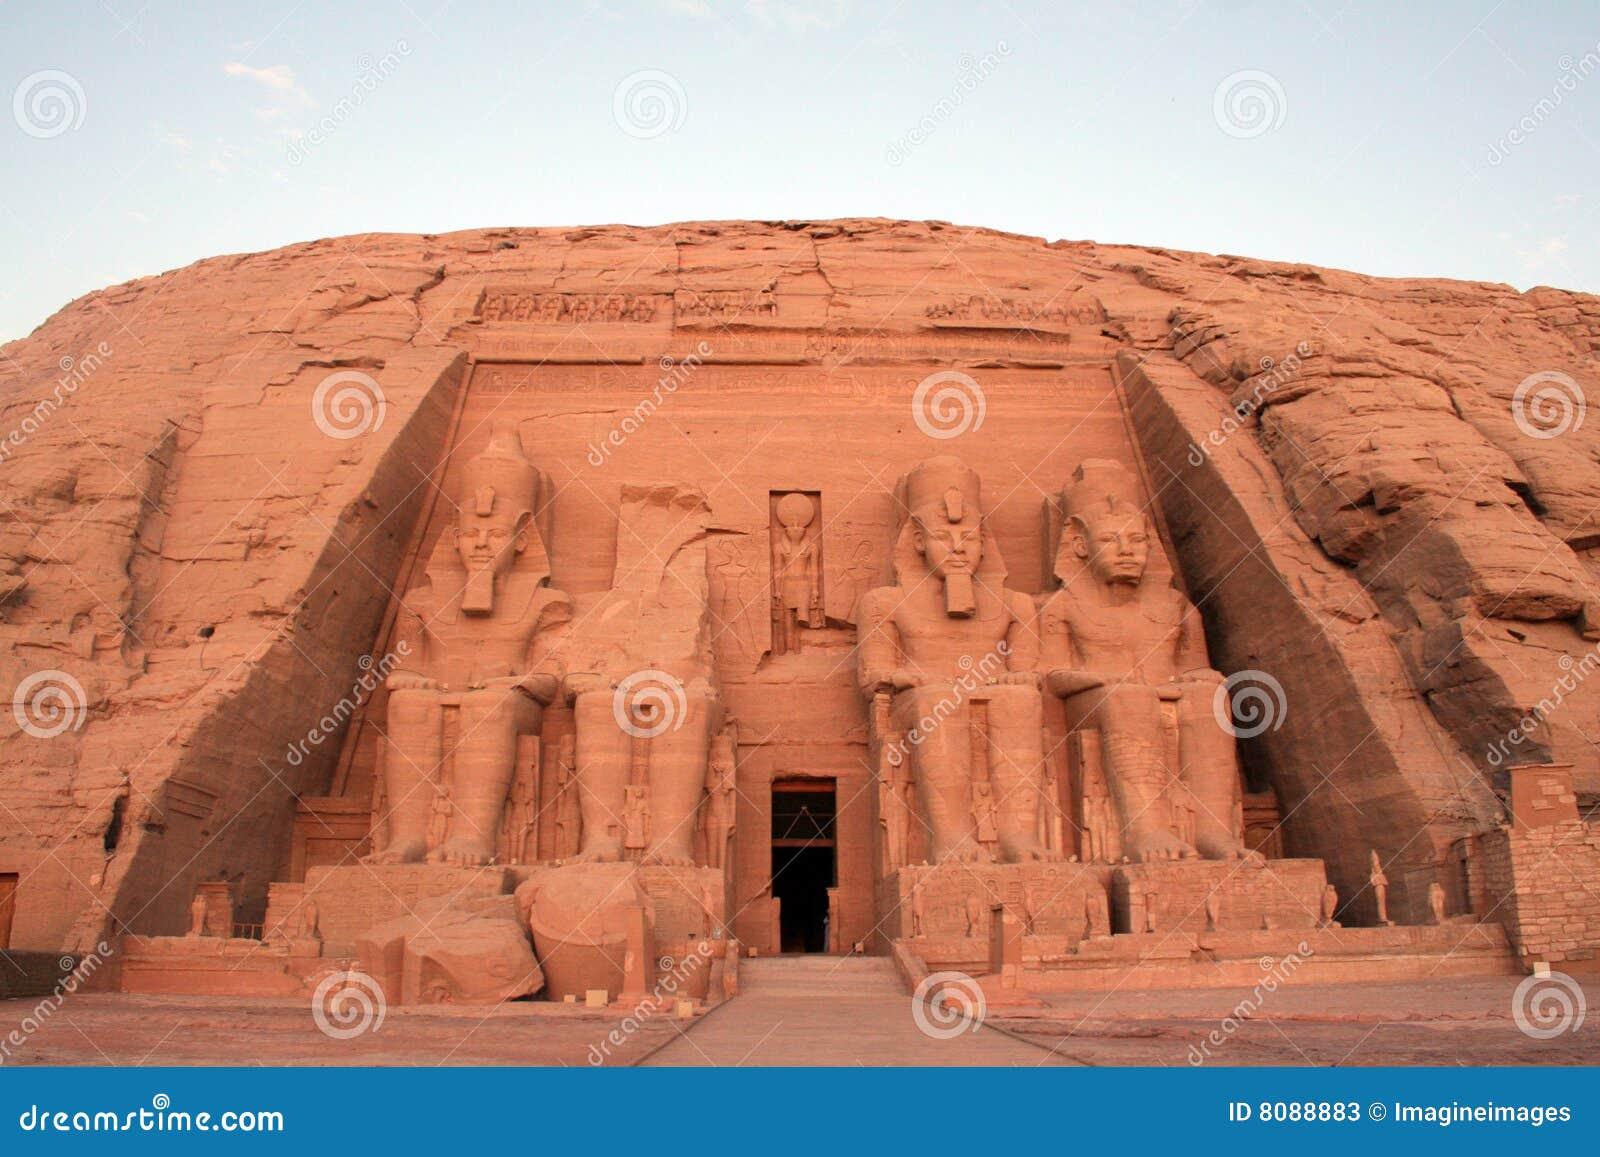 För konungramesses för abu ii tempel för simbel